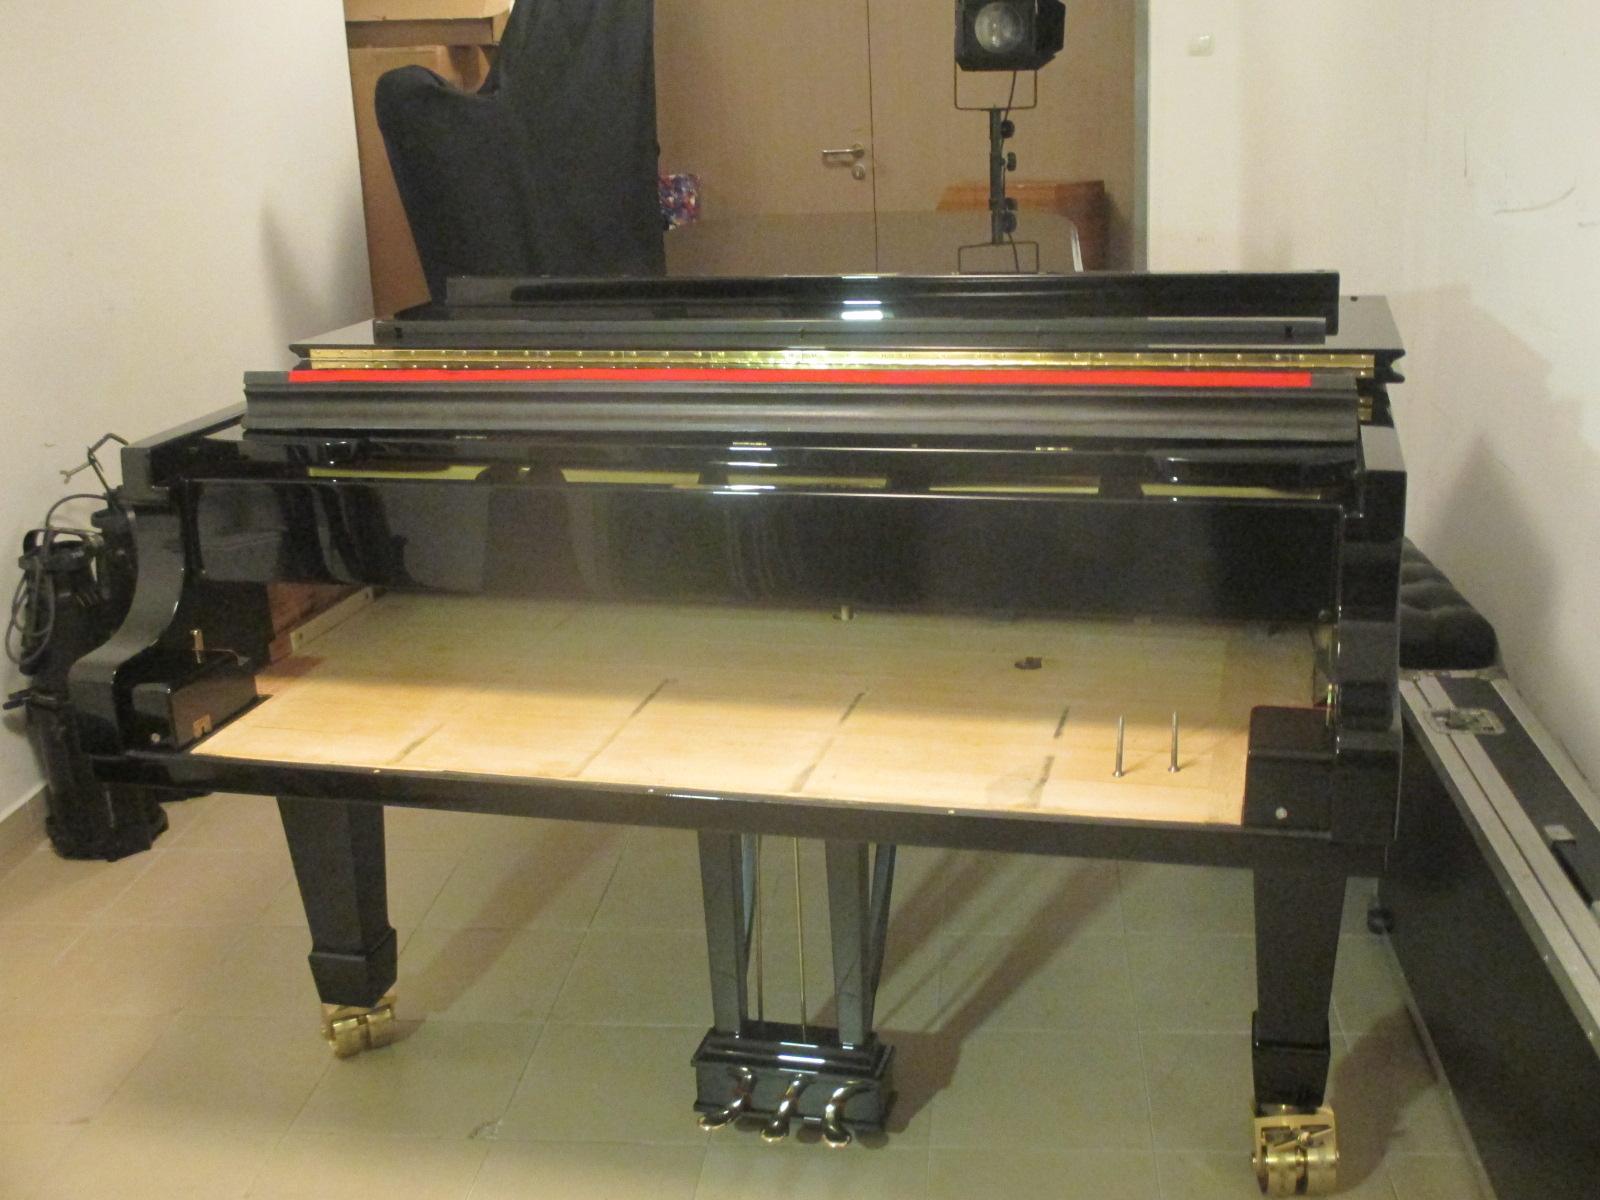 Sprawa fortepianu z przebitymi numerami nie taka prosta